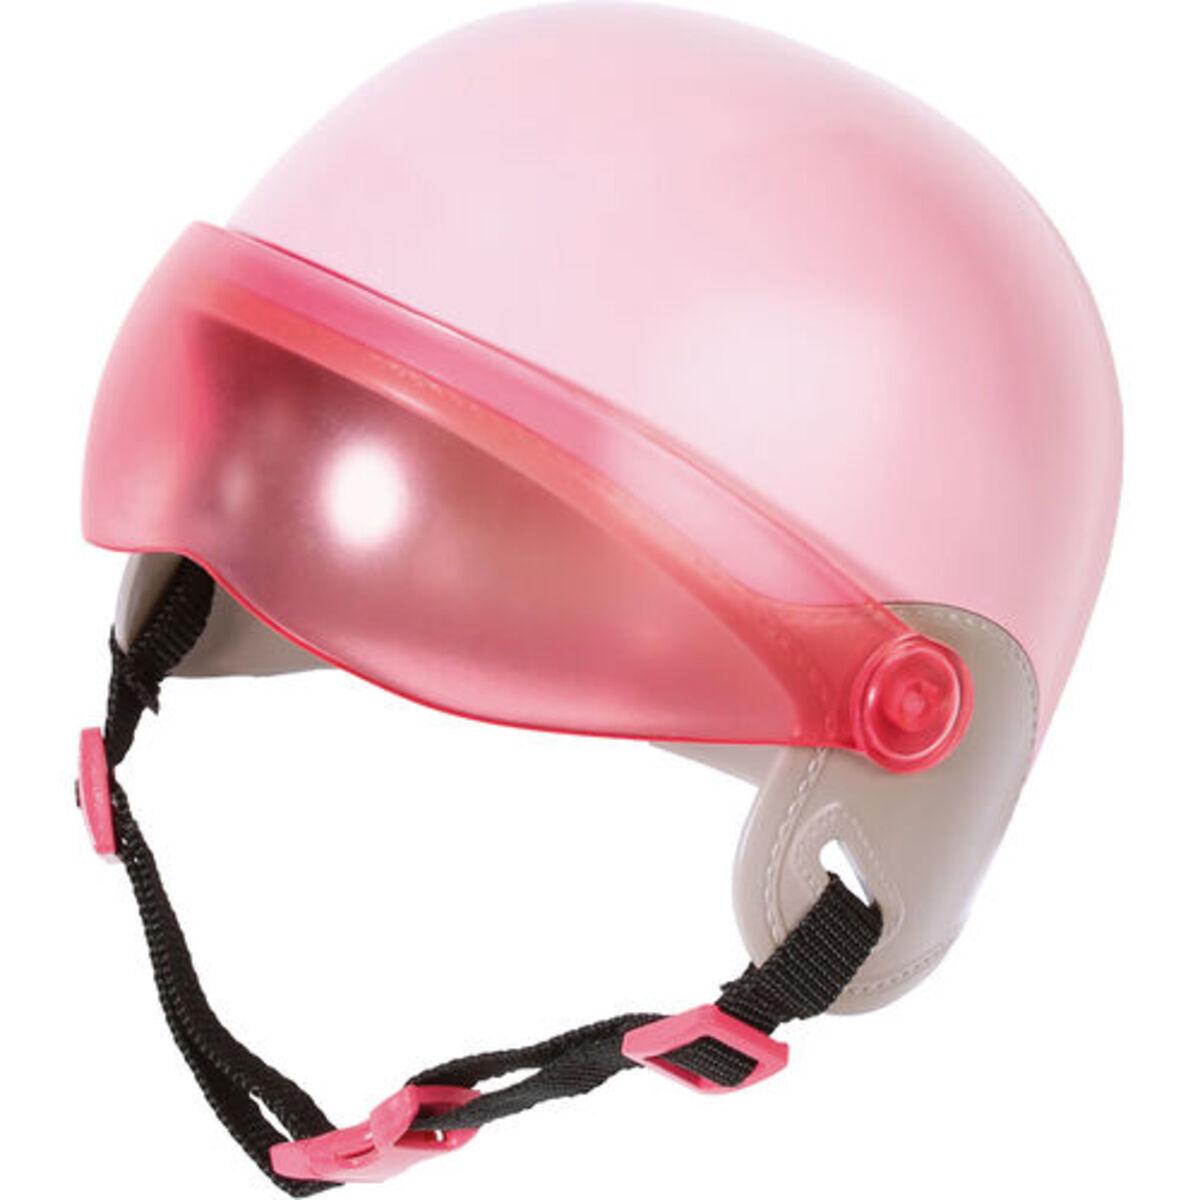 Bild 5 von Zapf Creation® City Scooter-Helm